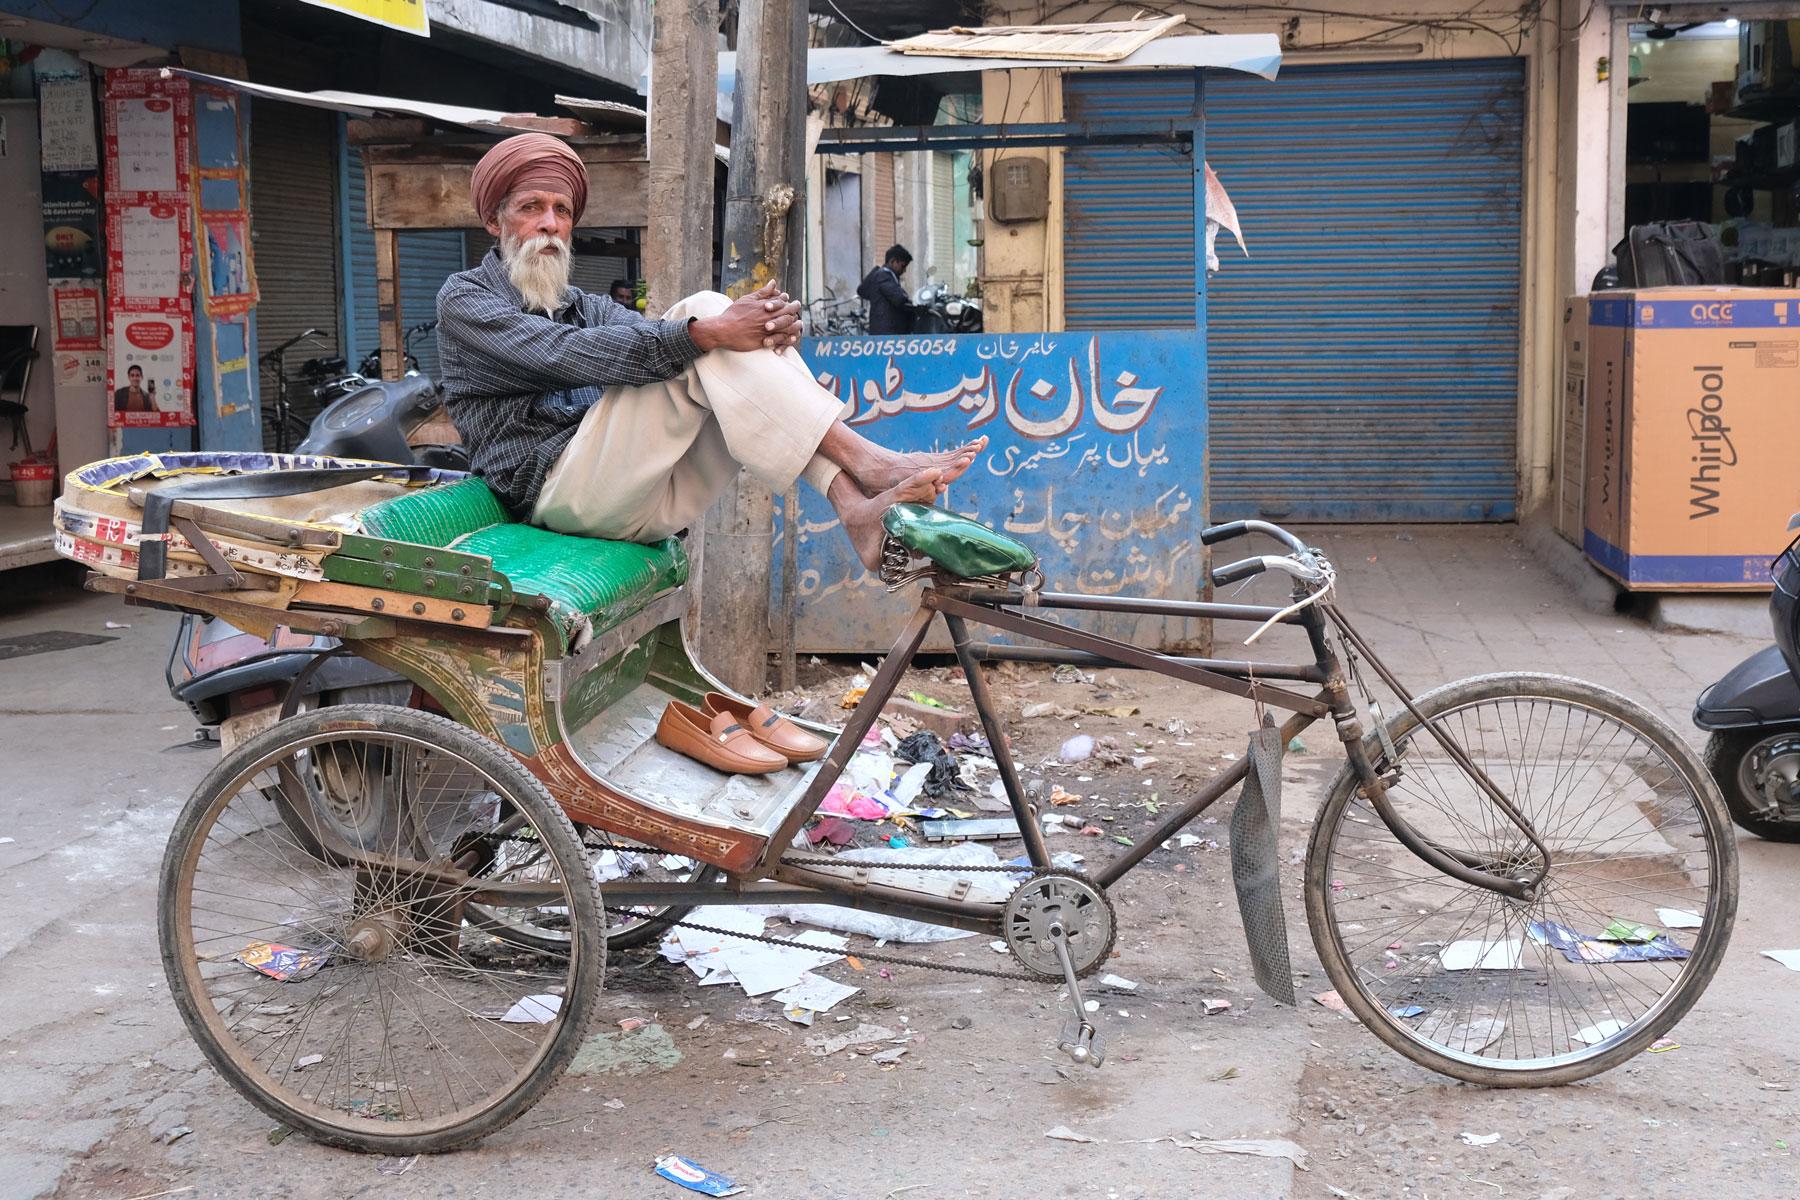 In den engen Straßen Amritsars ist die Fahrradrikscha immer noch ein ganz normales (und abgasfreies) Fortbewegungsmittel